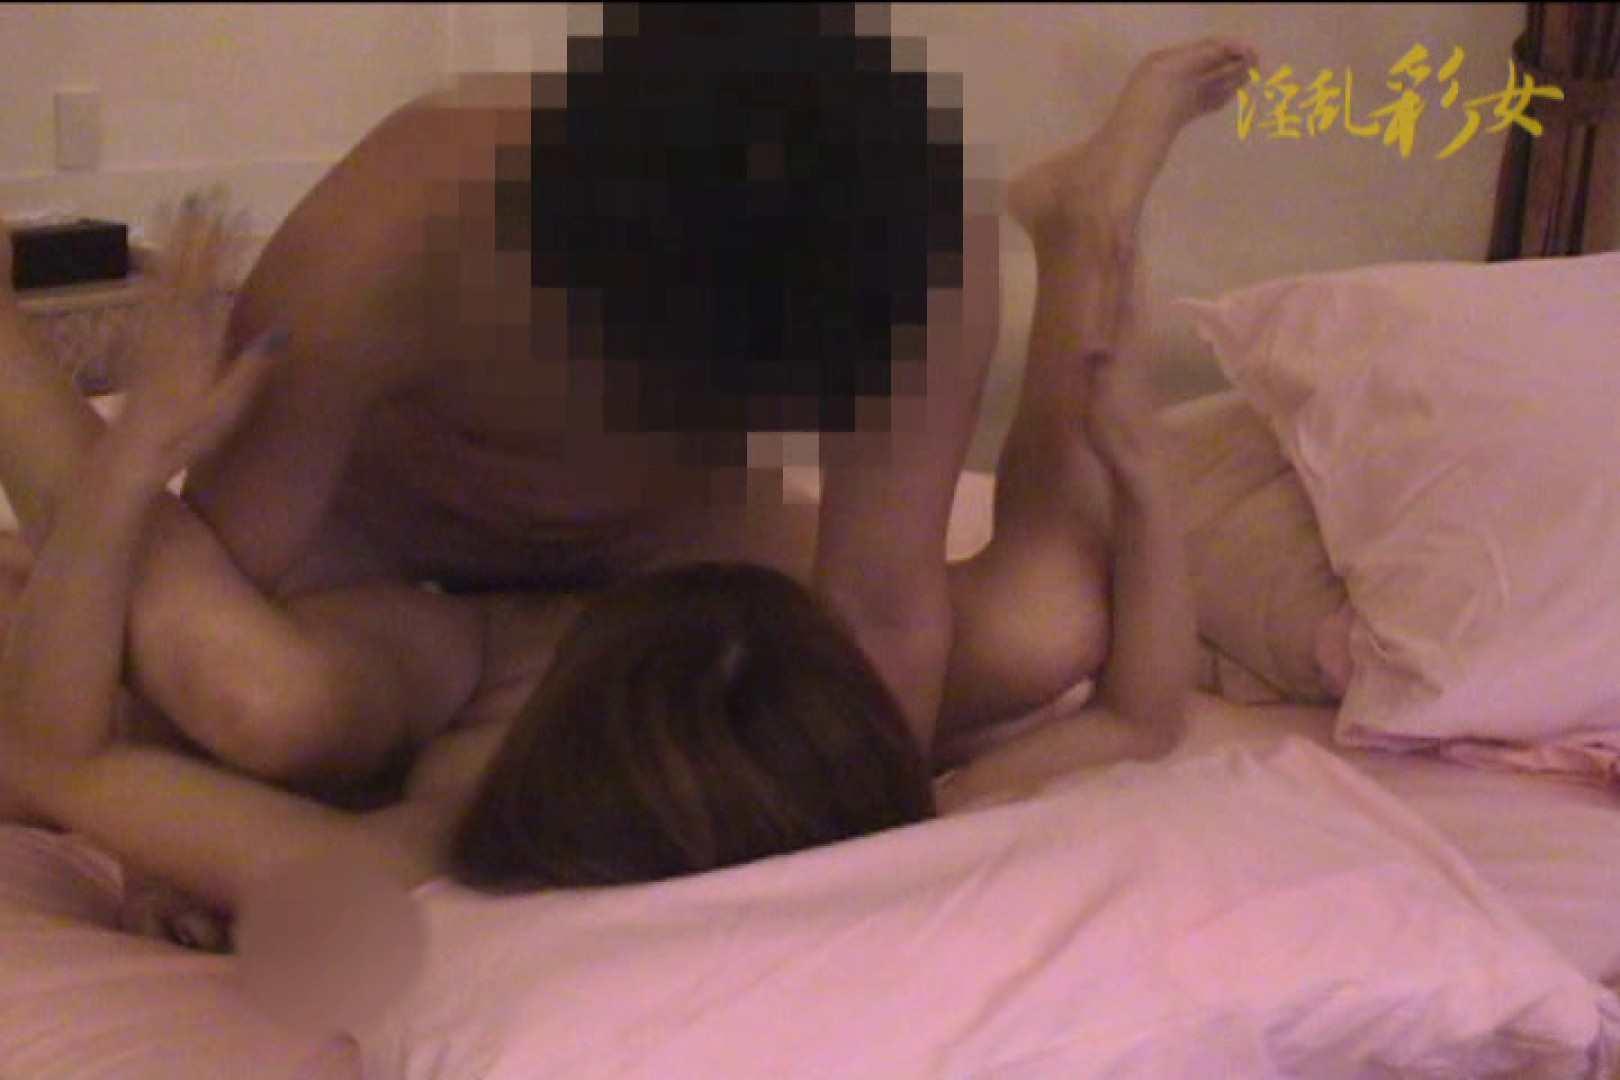 淫乱彩女 麻優里 30代の公認彼氏に貸し出し3 一般投稿   中出し  99画像 49